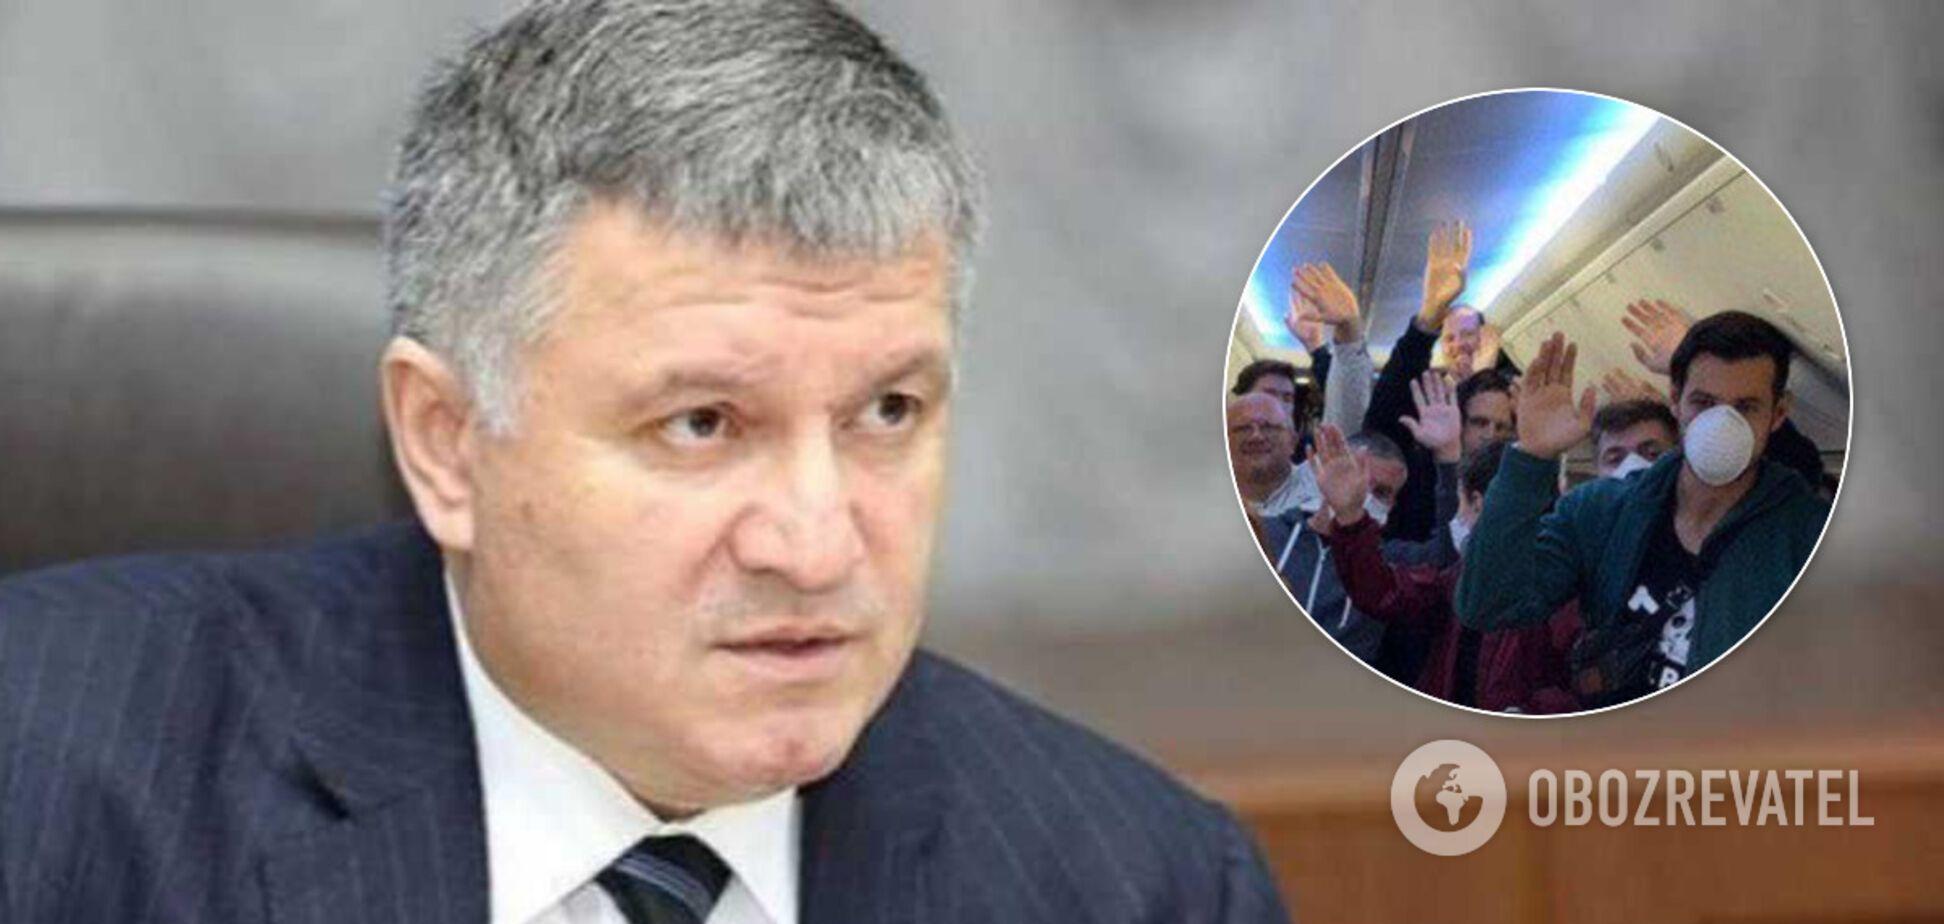 Аваков розлютився на українських туристів і заявив про повну заборону польотів